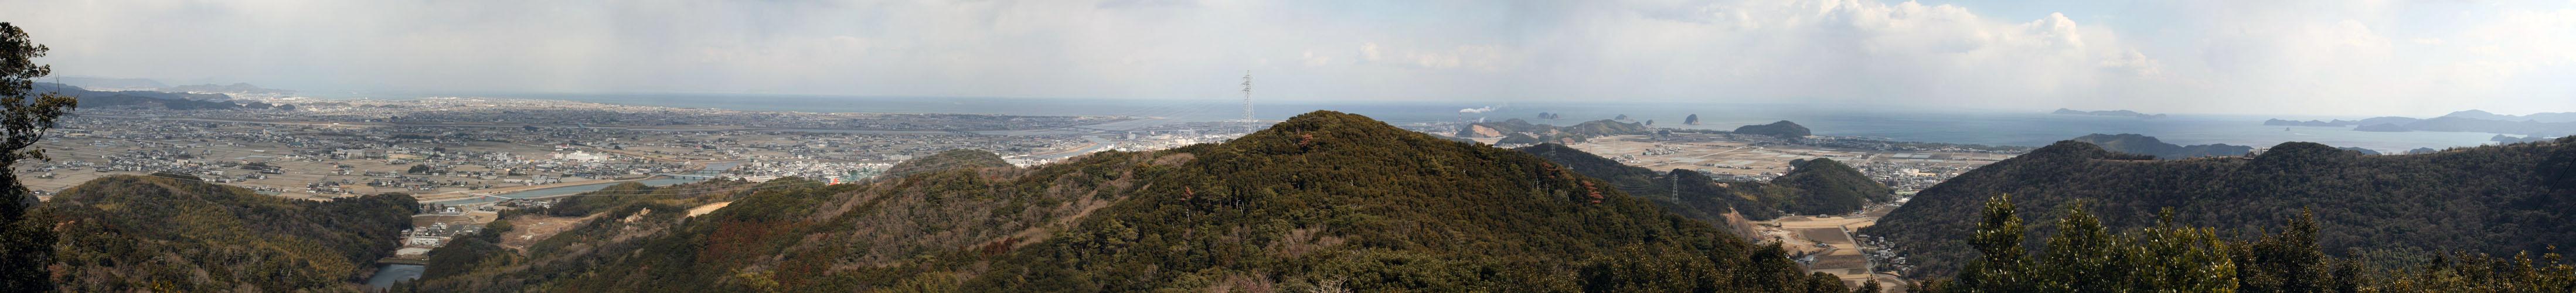 Mt_kajigamine_8